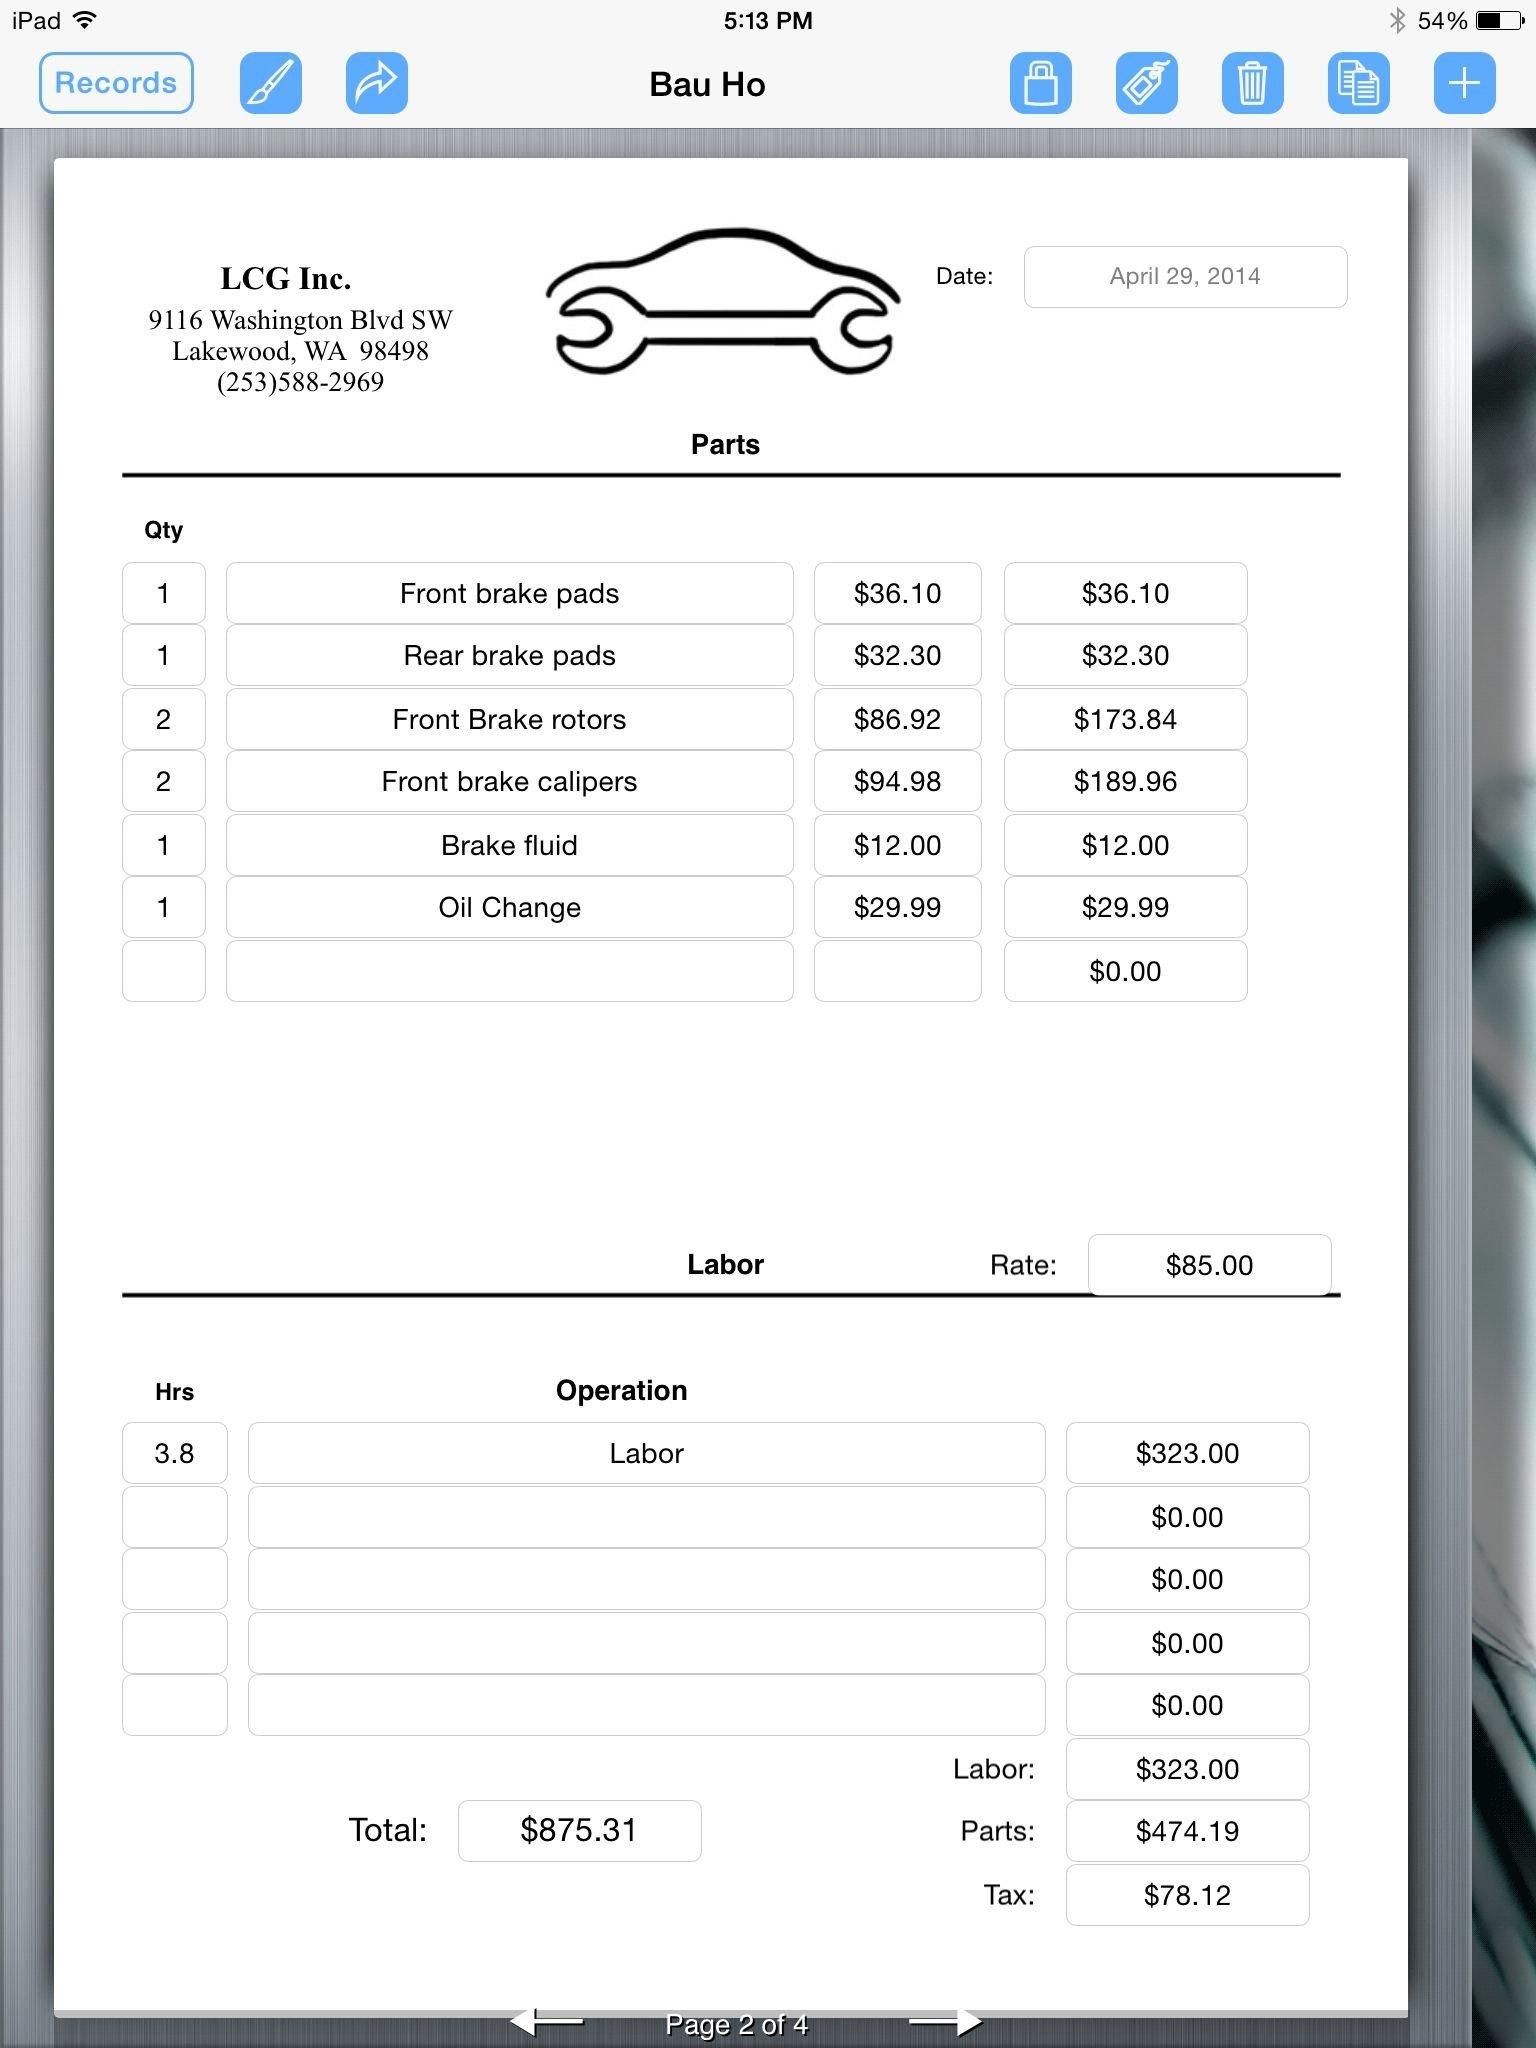 Auto Repair Invoice Templates Auto Repair Invoice Auto Repair Service Uses Ipad for